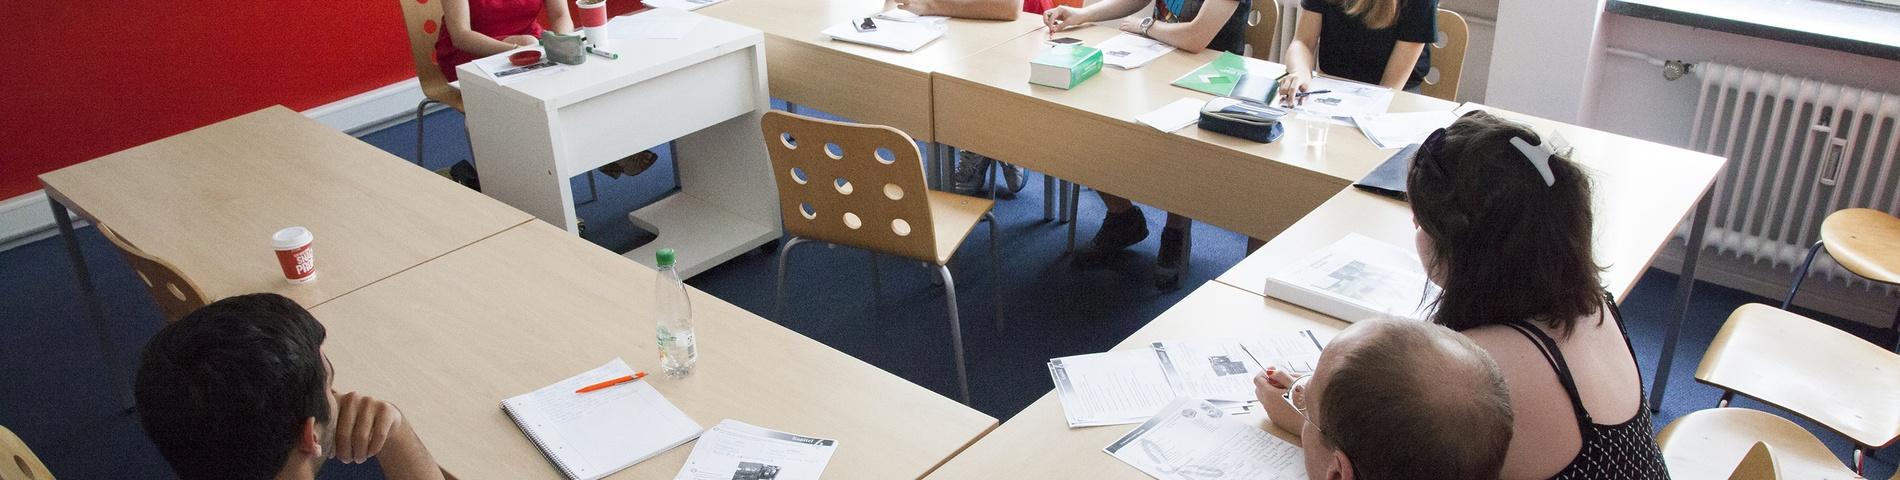 Berlin Sprachschule bild 1